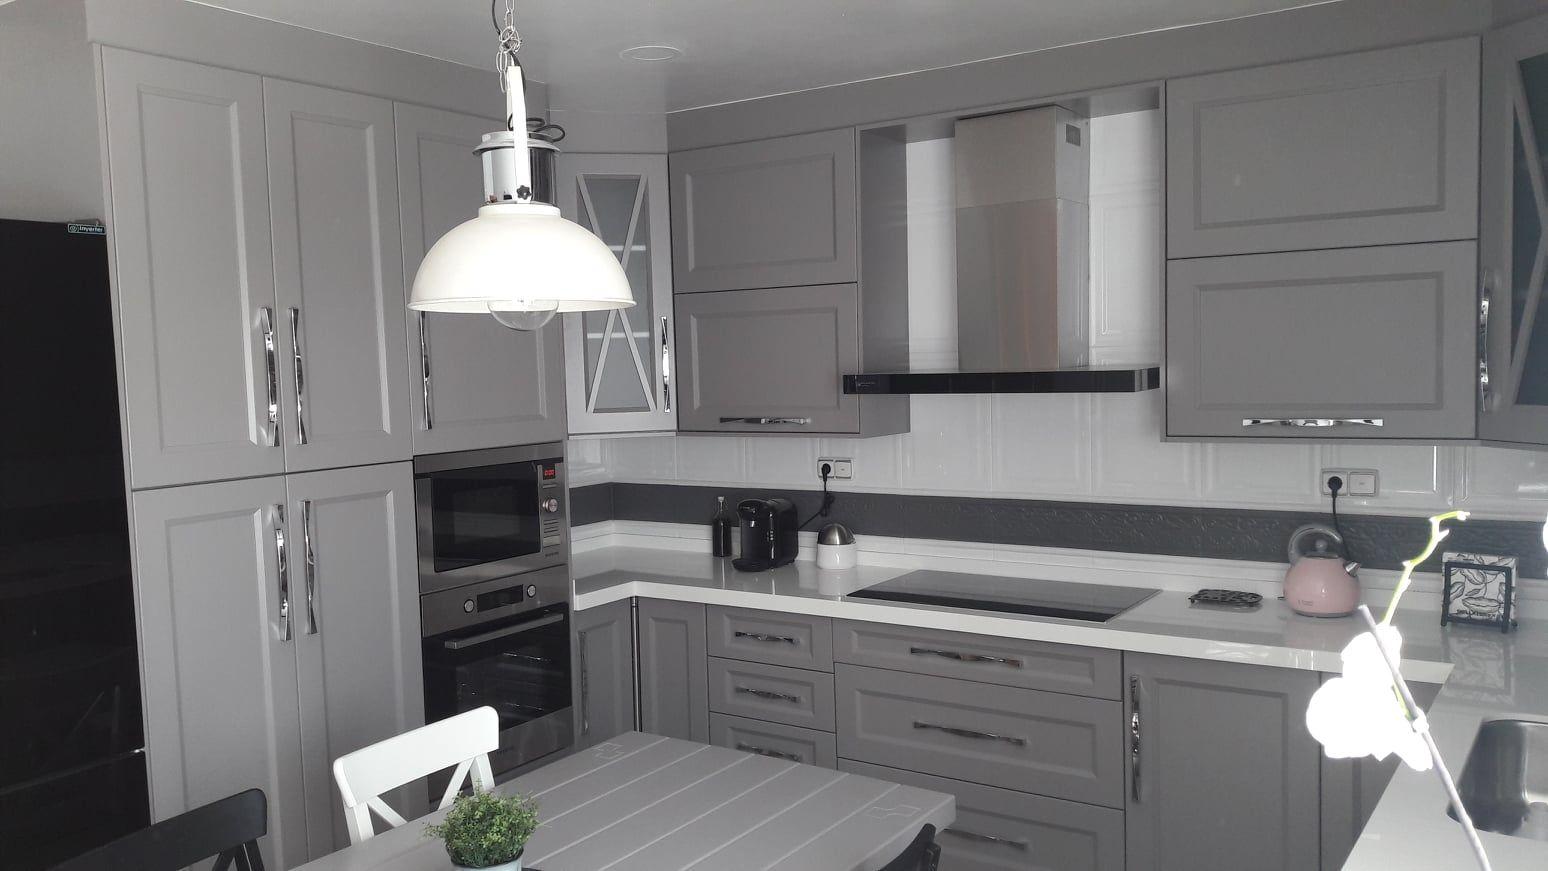 Cocina modelo xátiva lacada gris platino con encimera porcelánico blanco